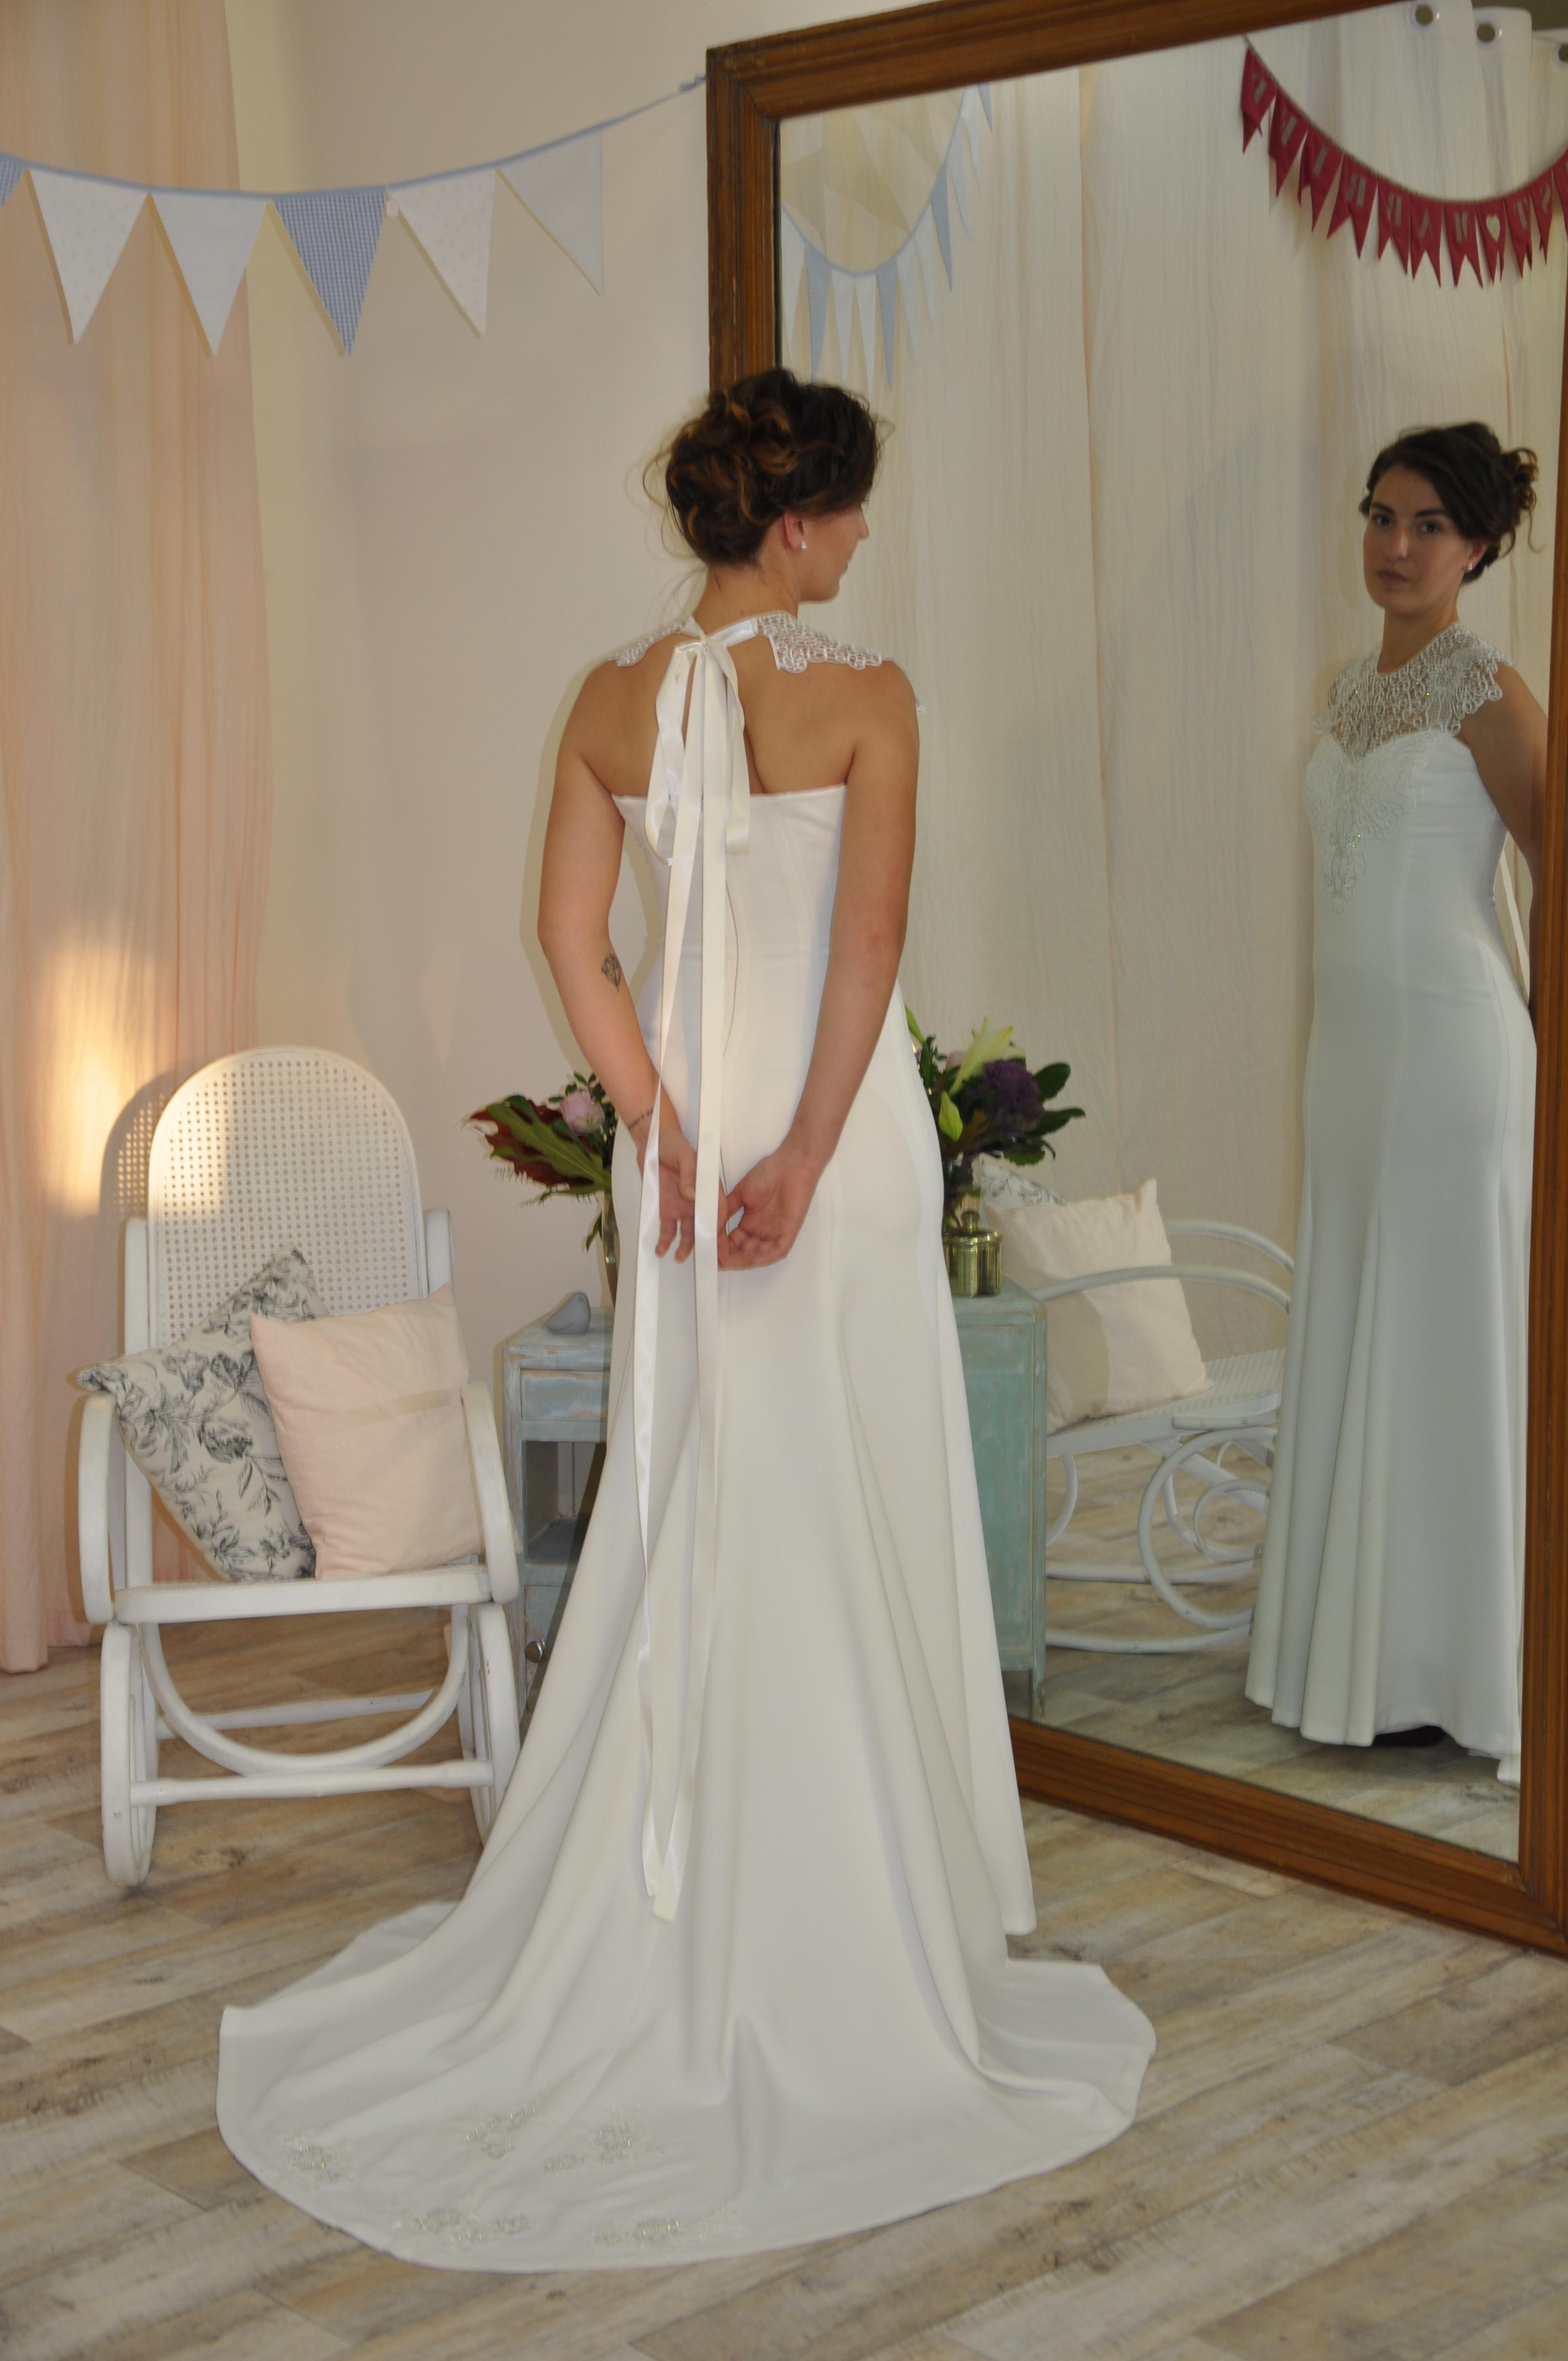 Robe de mariée à domicile - MADELEINE - Robe sirène - Cholet - boutique de mariage - créateur